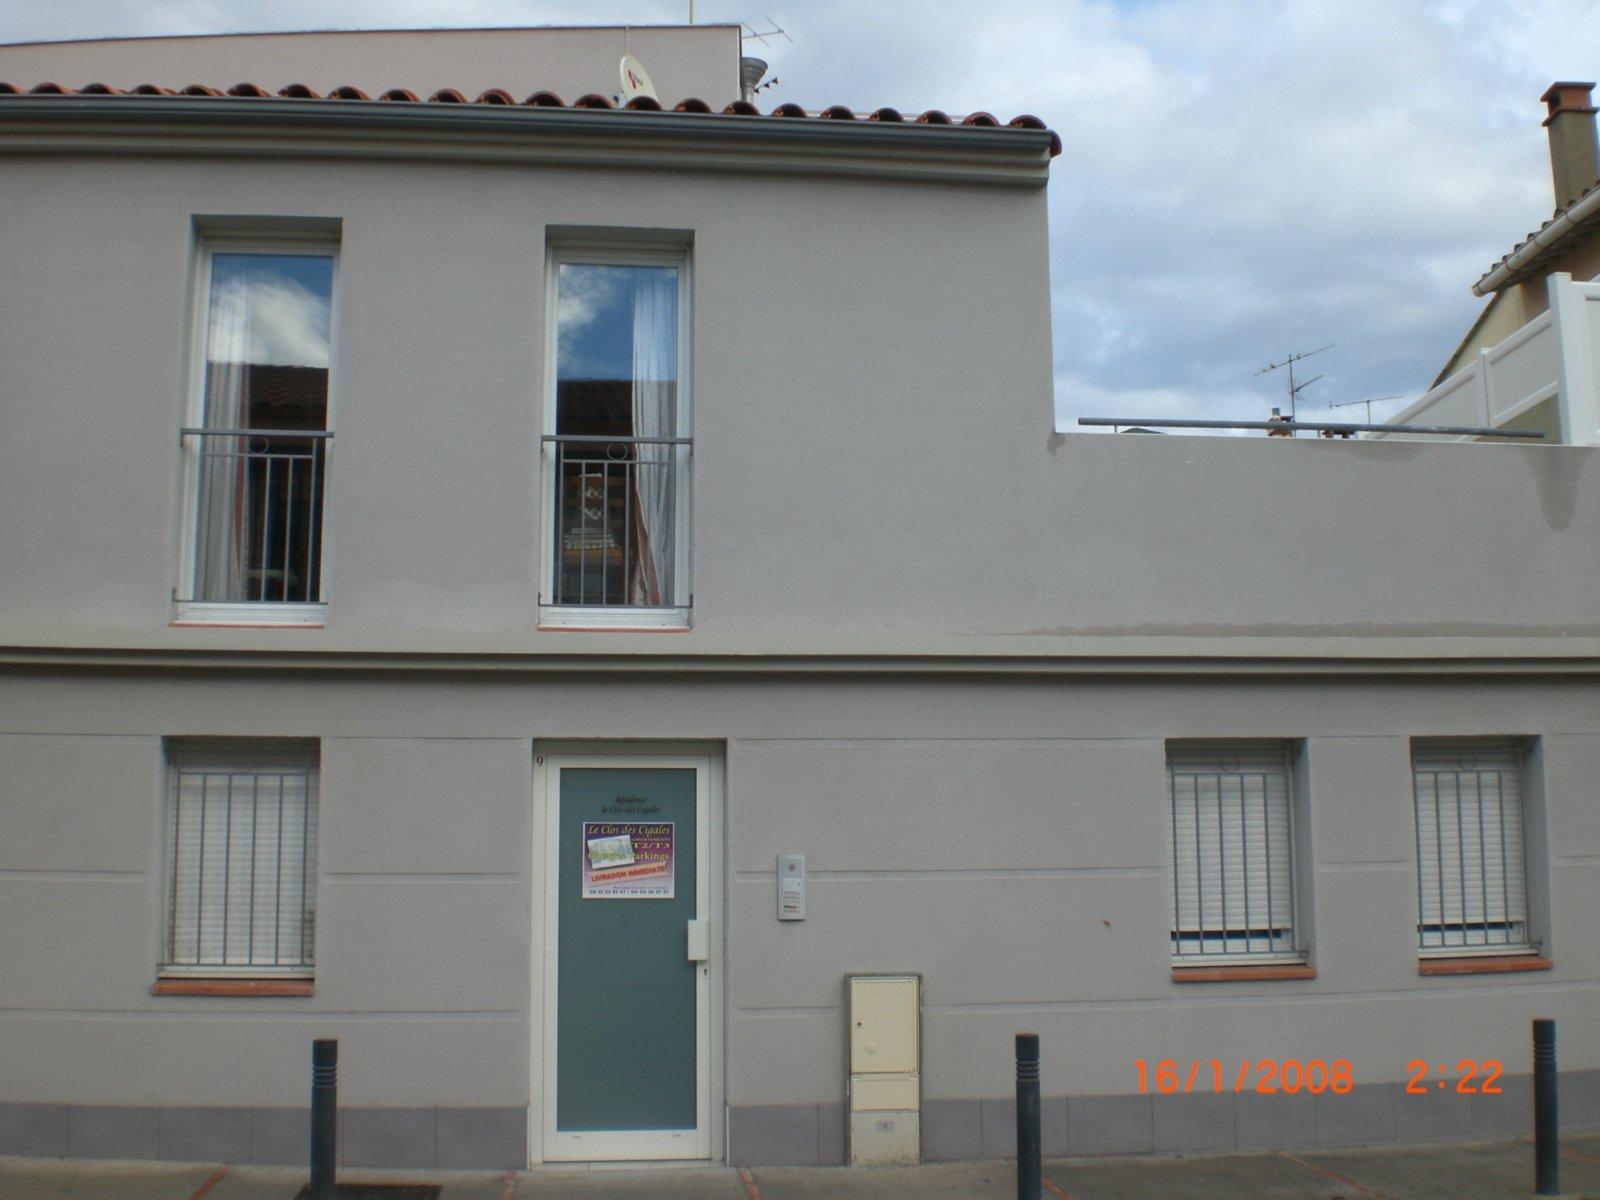 Location perpignan centre cabestany le barcares et for Location appartement atypique perpignan